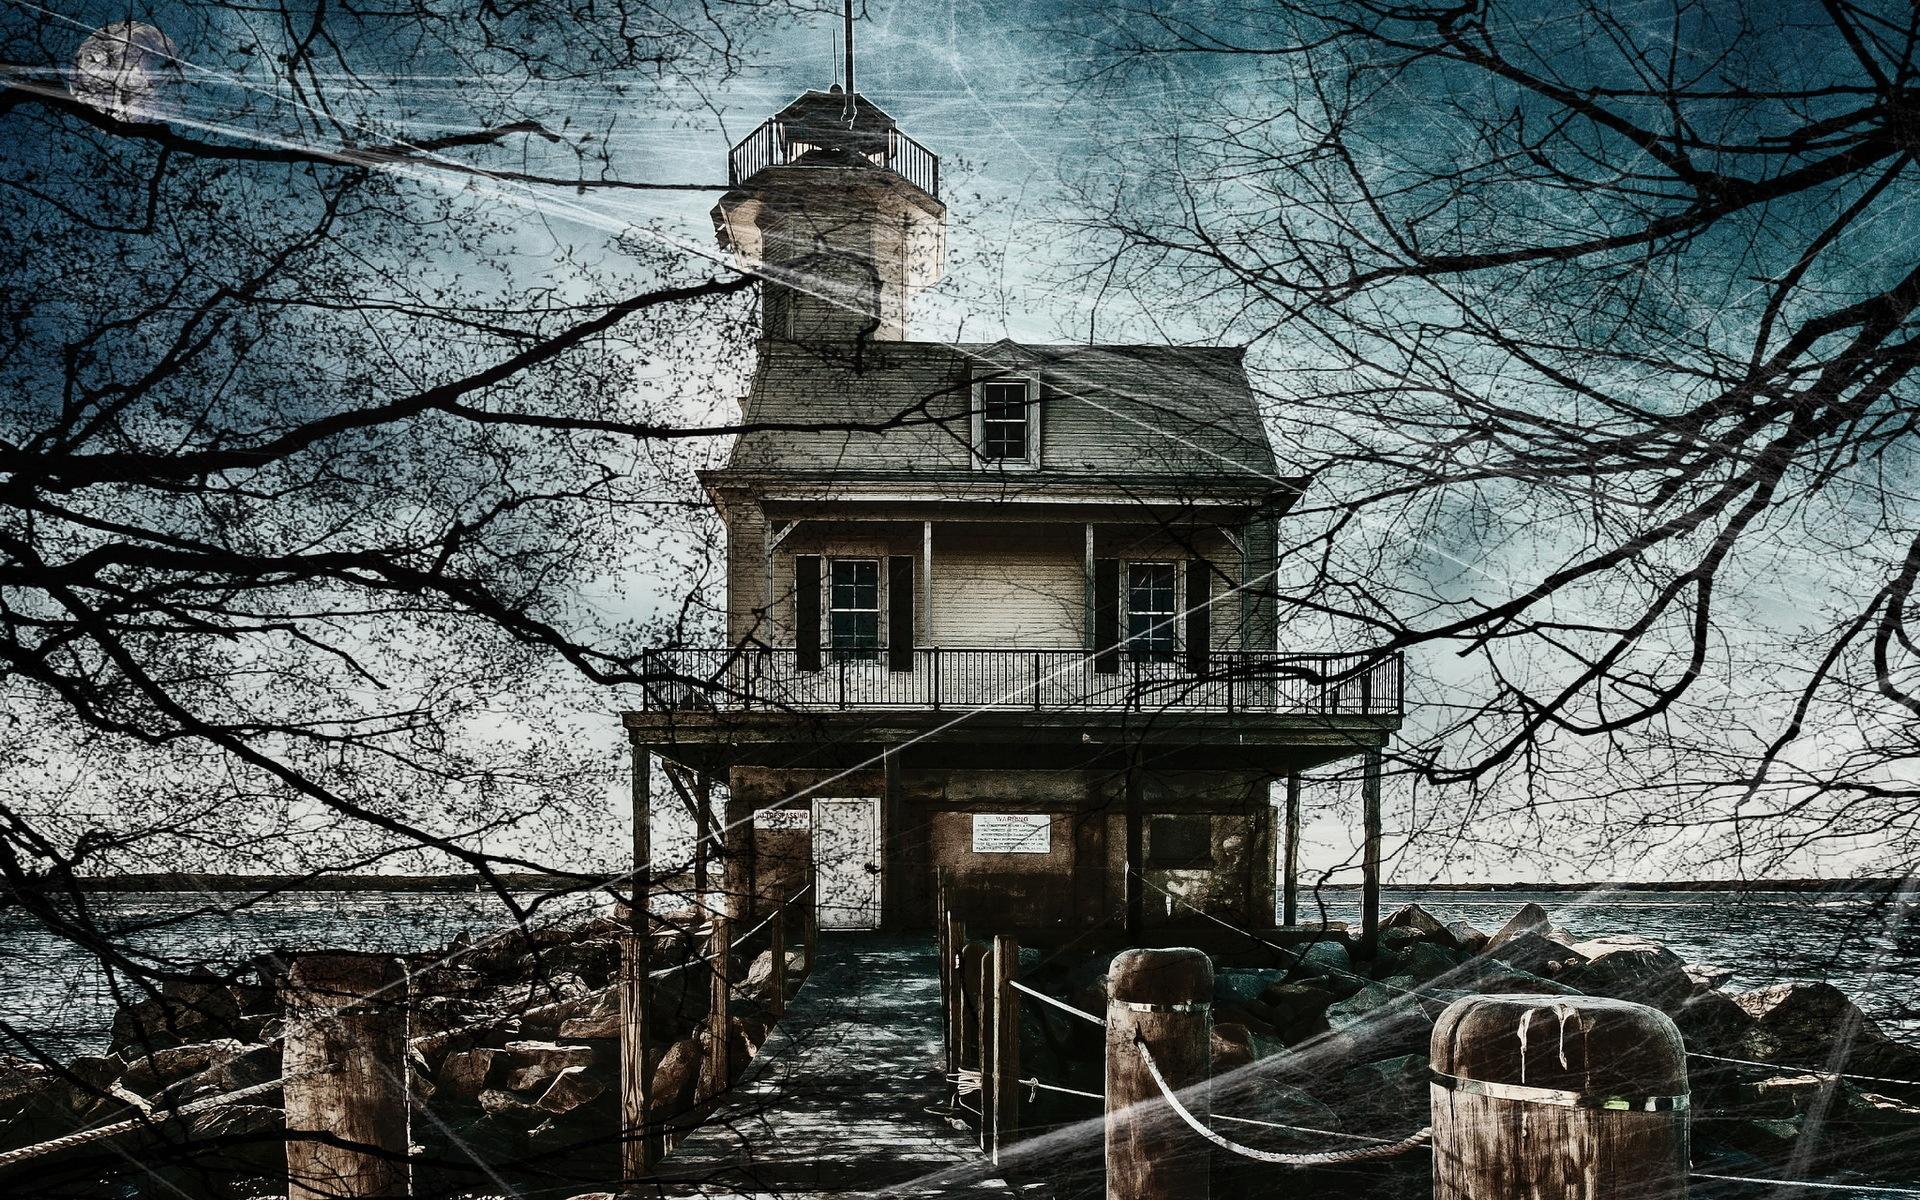 梦见破烂凌乱的房子